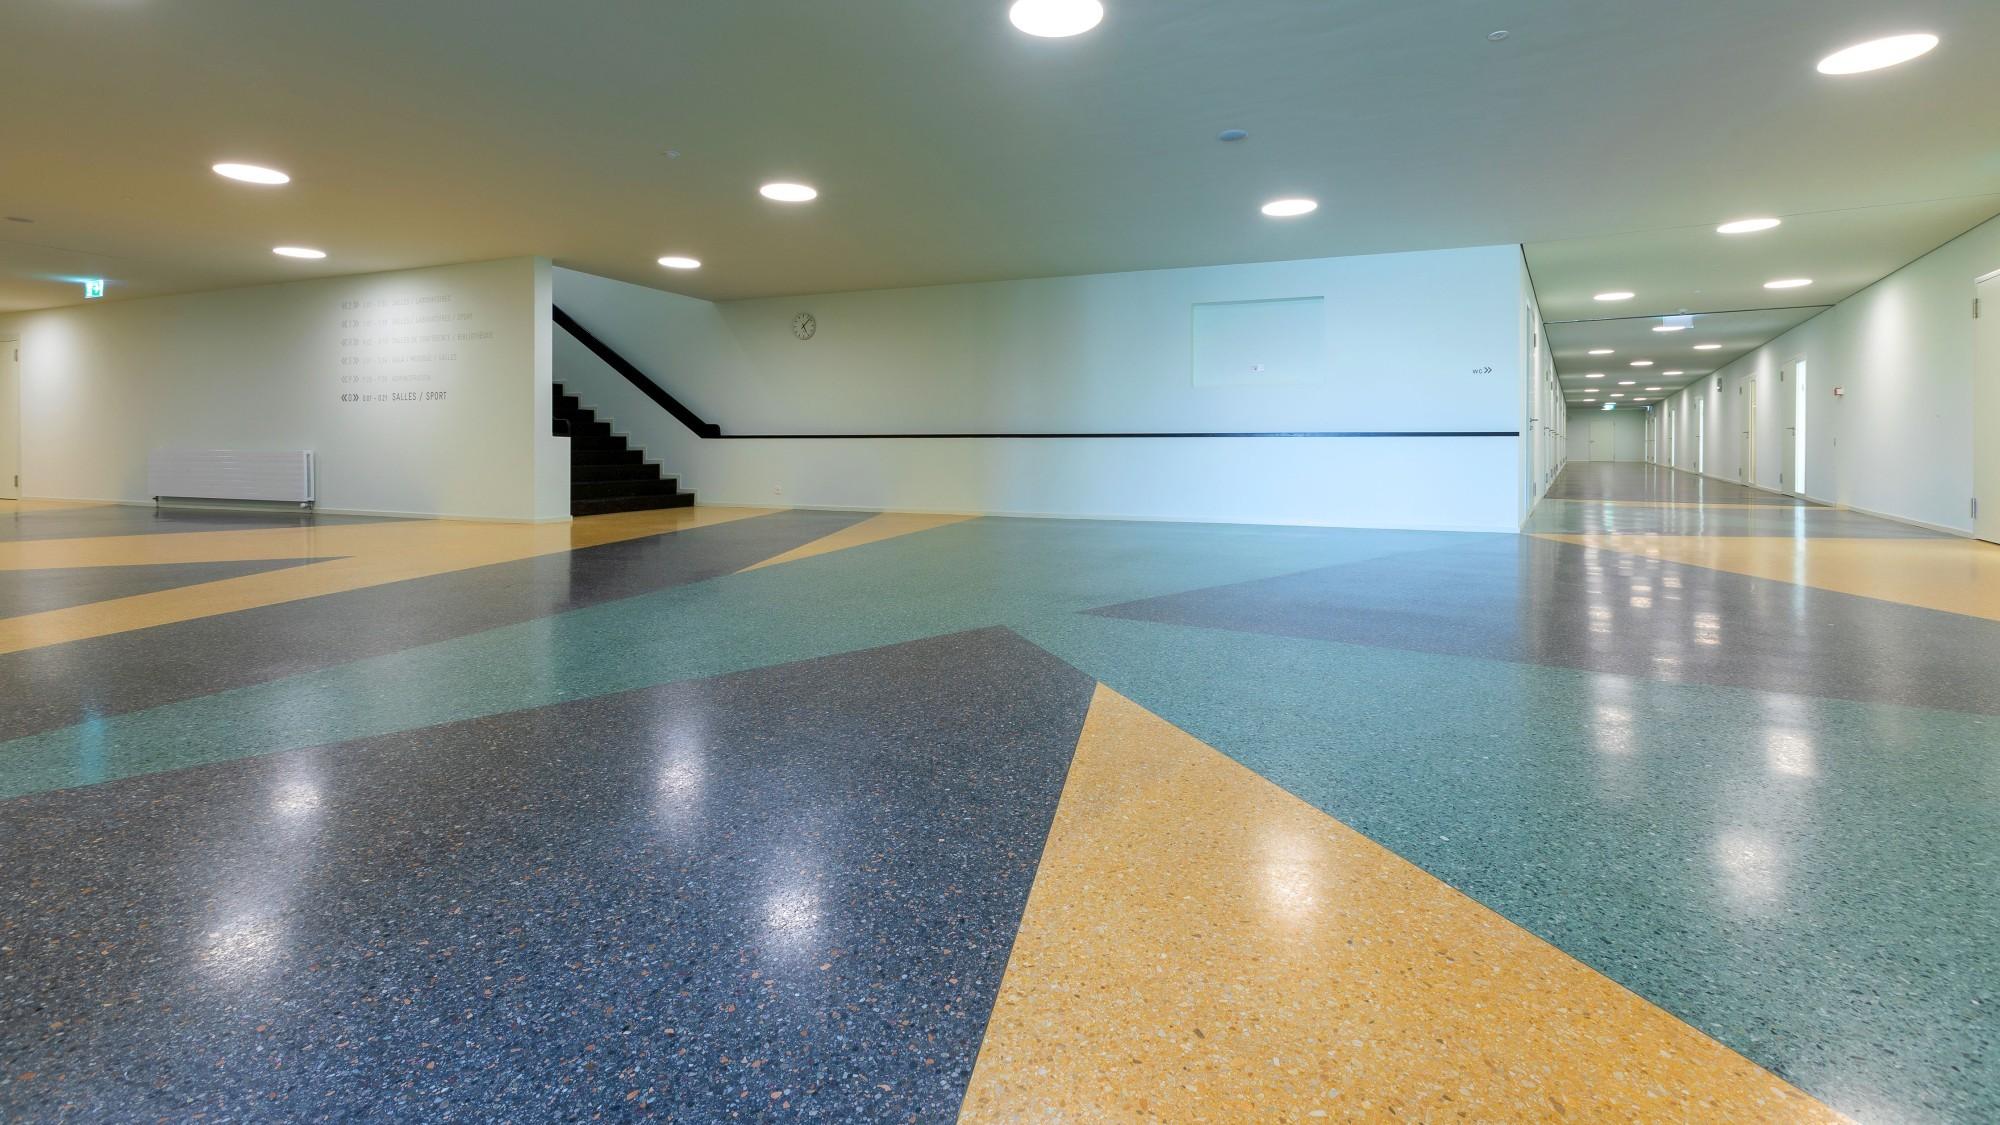 Une nouvelle extension durable construite au Gymnase de la Broye.